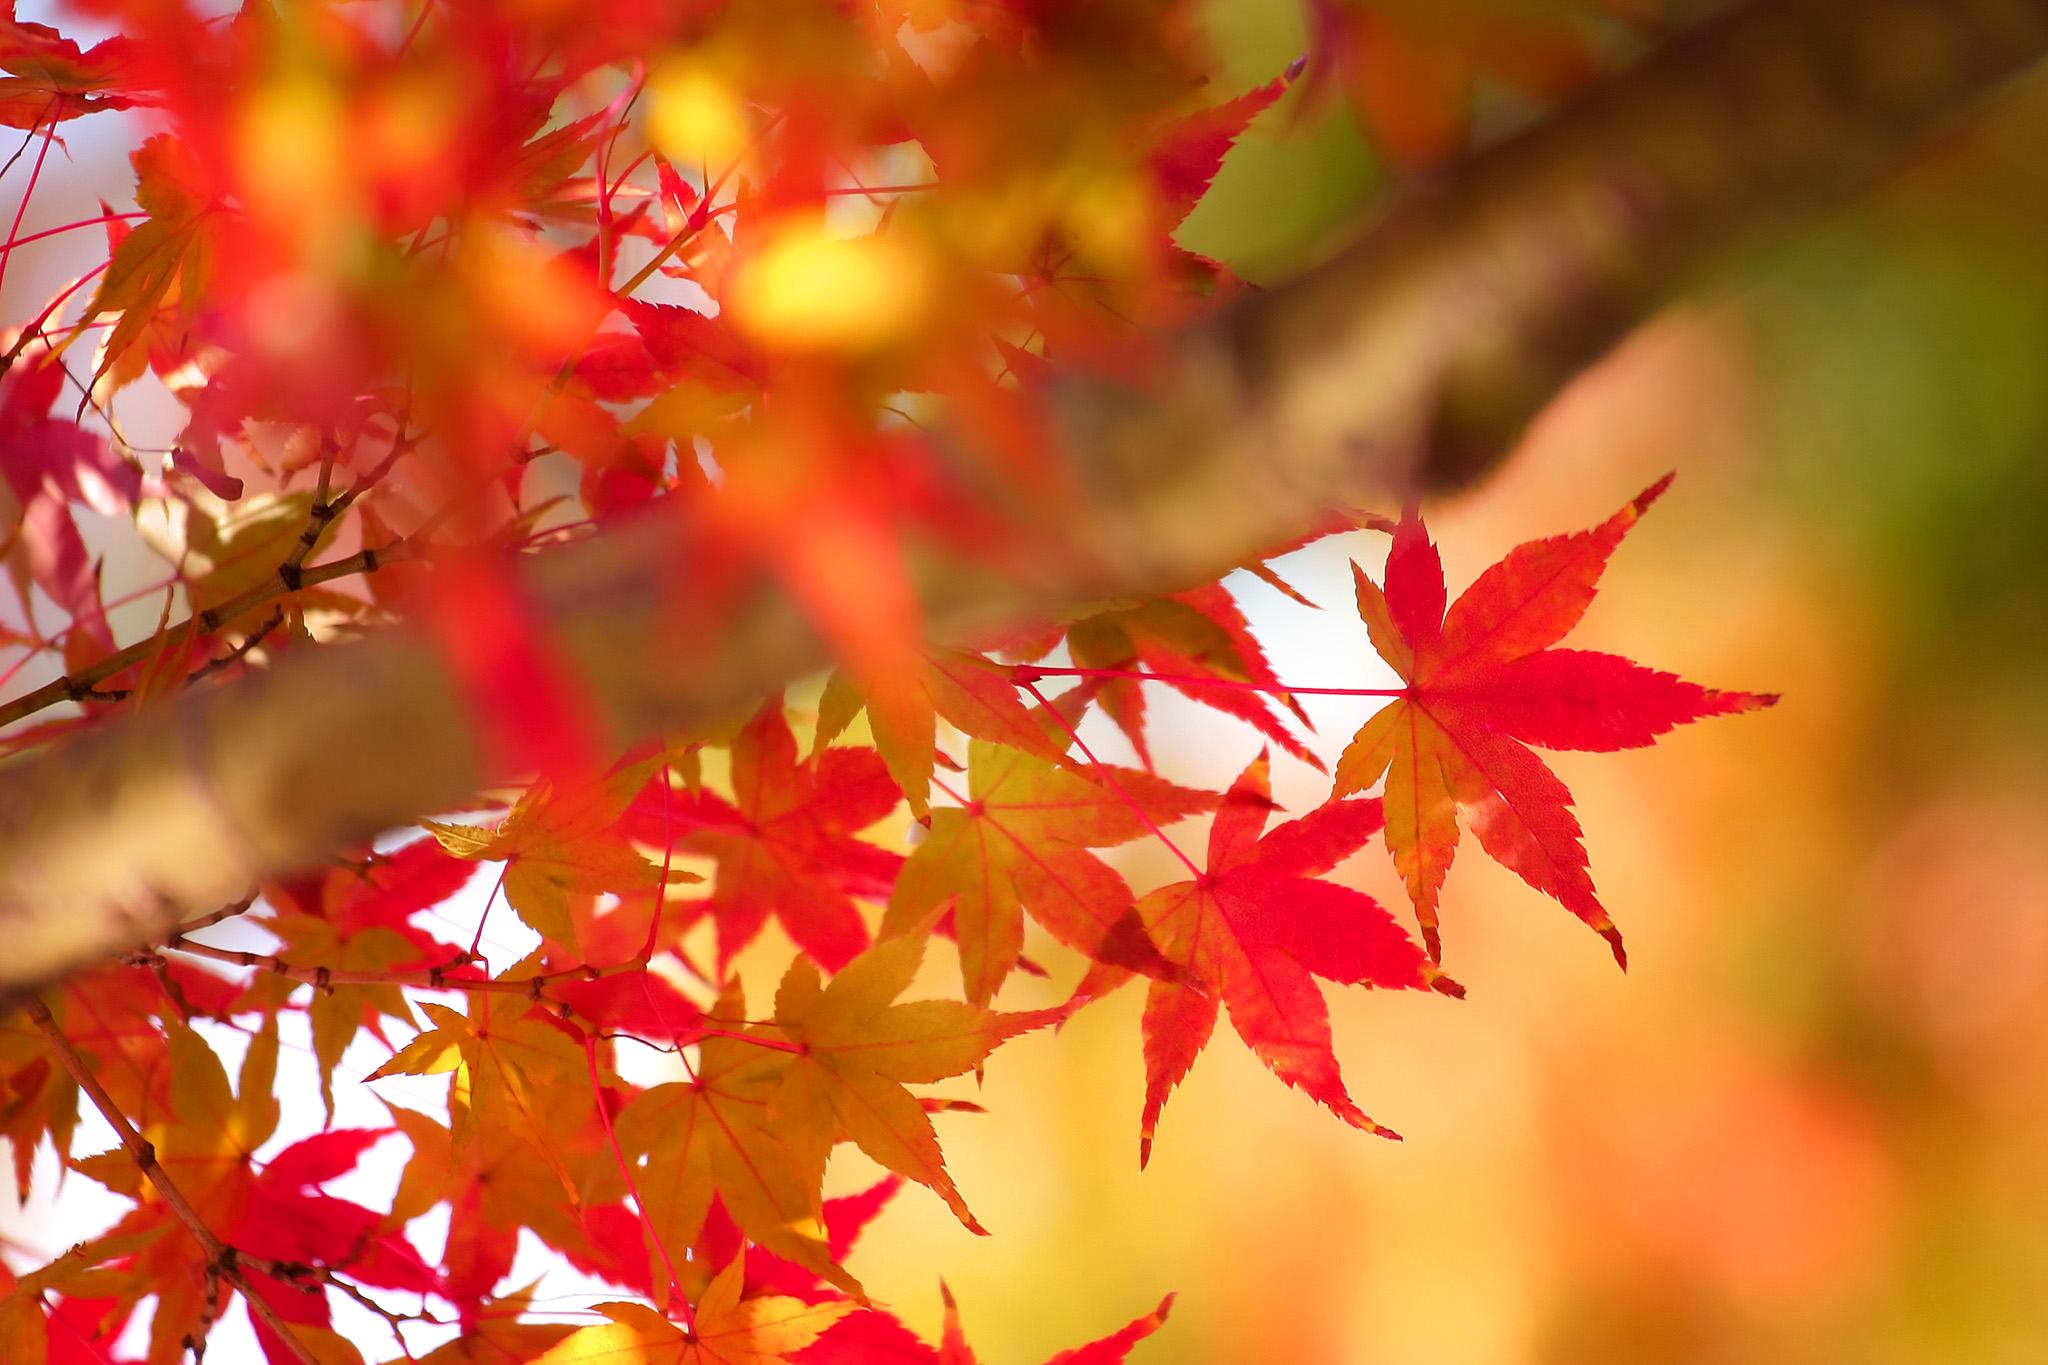 「色彩豊かな木々が織りなす秋の森」